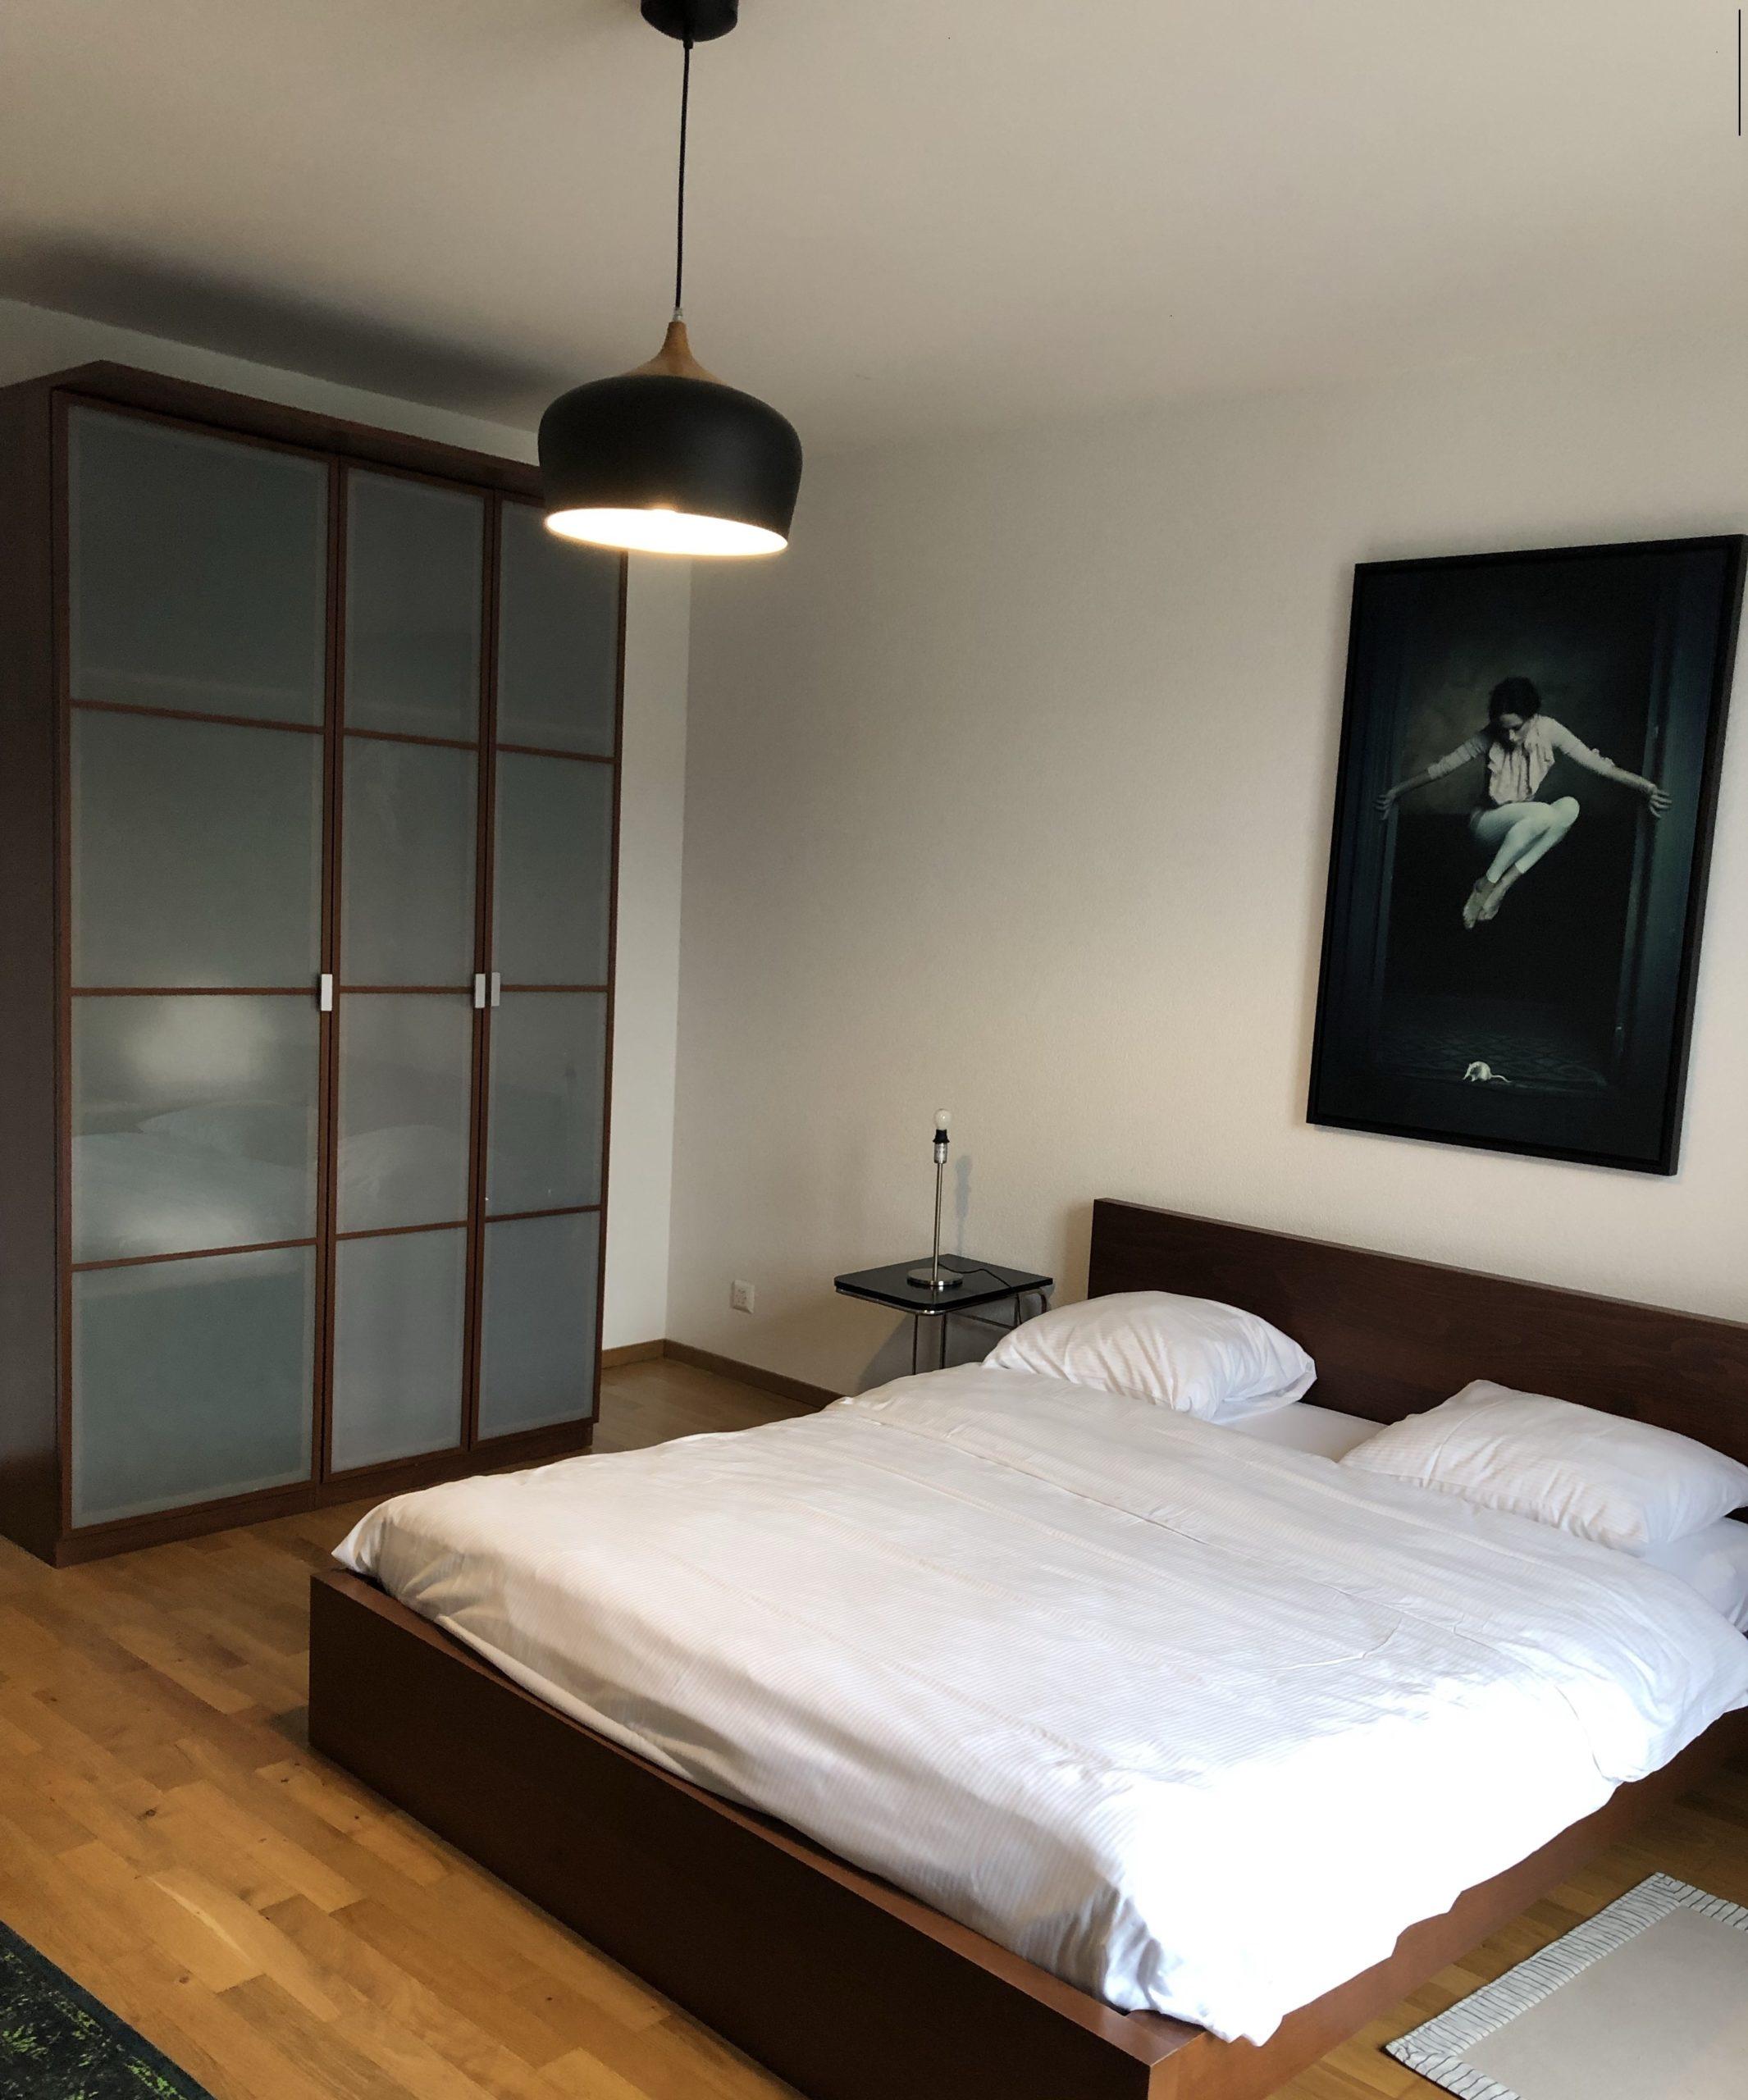 Ch. du Closelet 4, Lausanne - 3,5 pièces - Lot 31 32